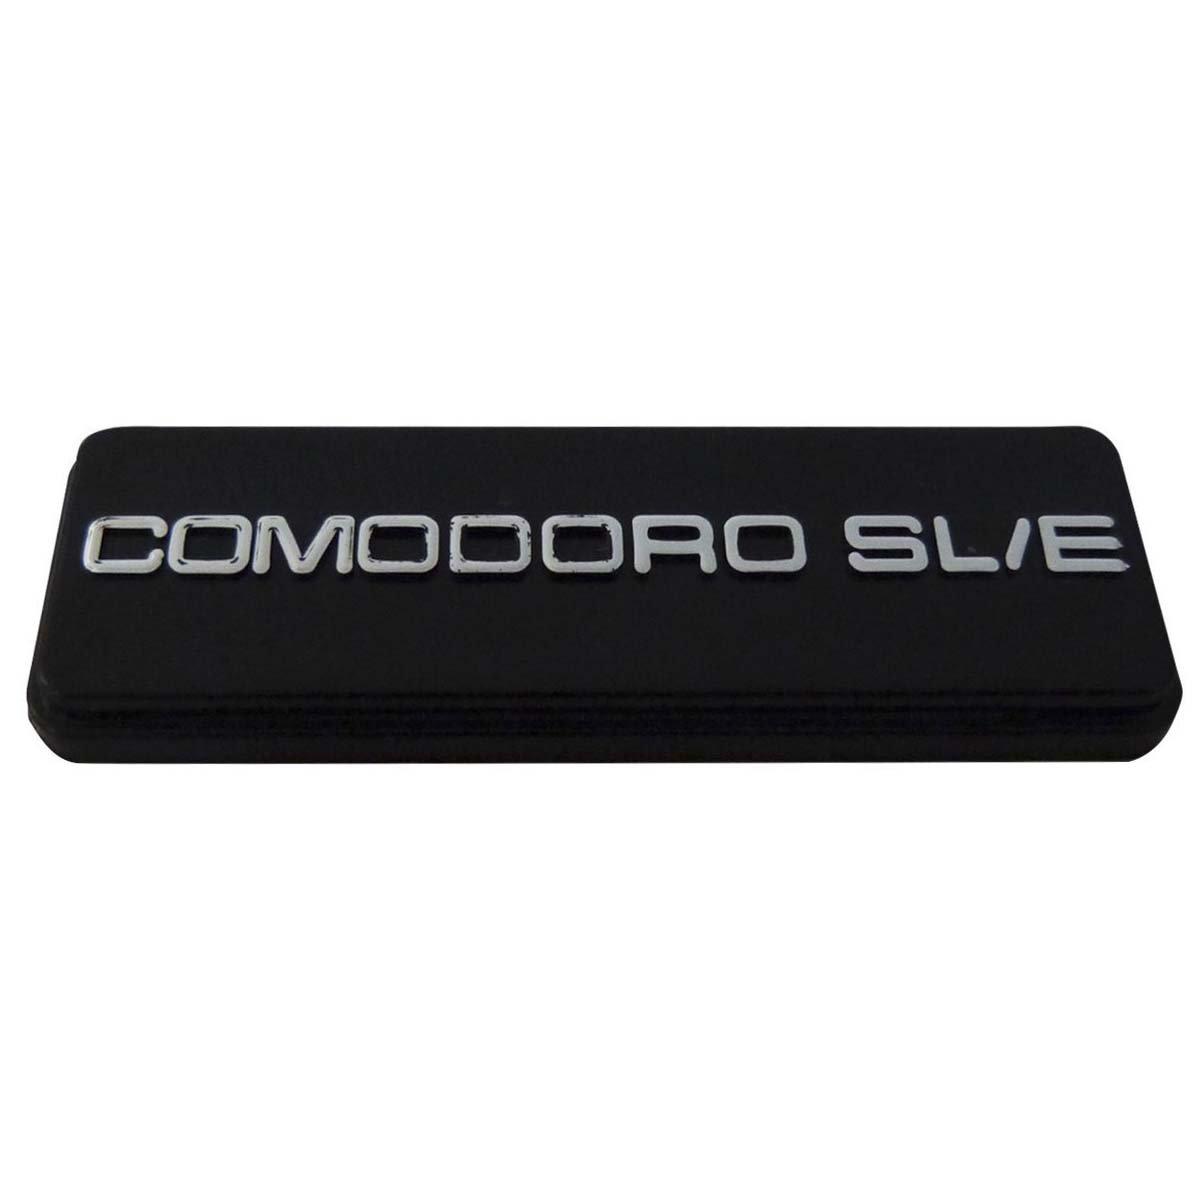 Emblema Comodoro SL/E do Volante Opala Caravan Comodoro D20